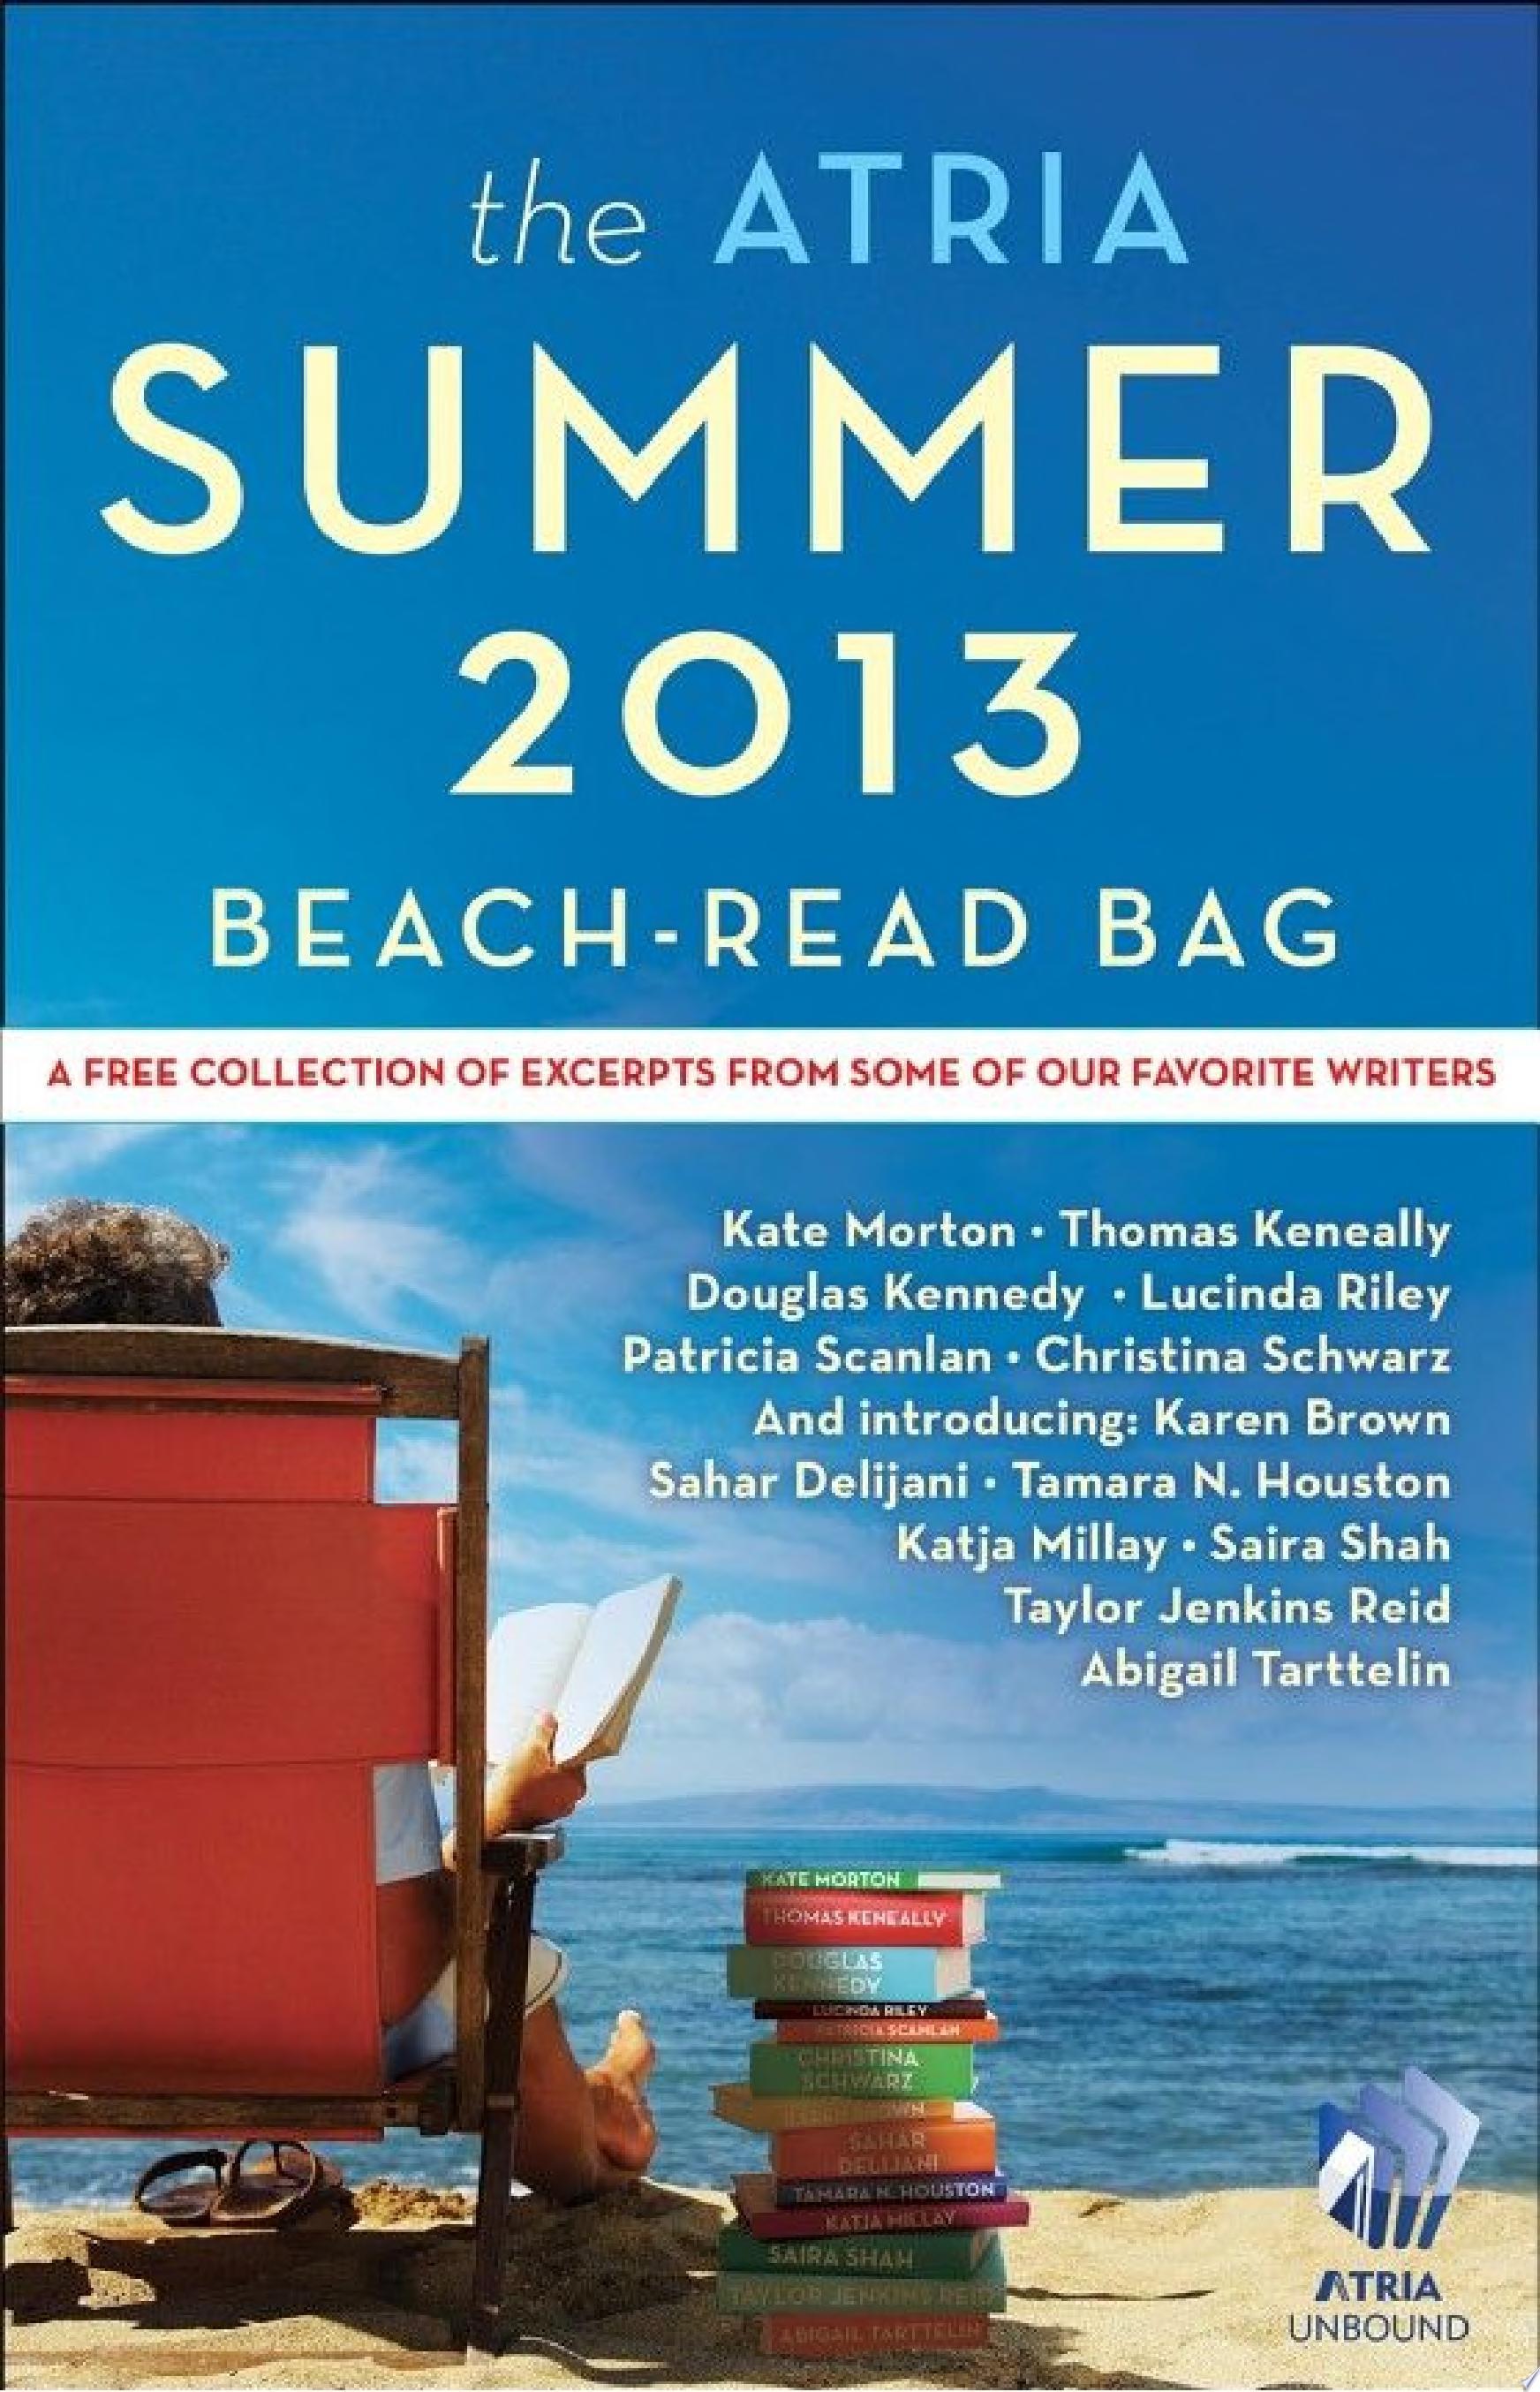 The Atria Summer 2013 Beach Read Bag